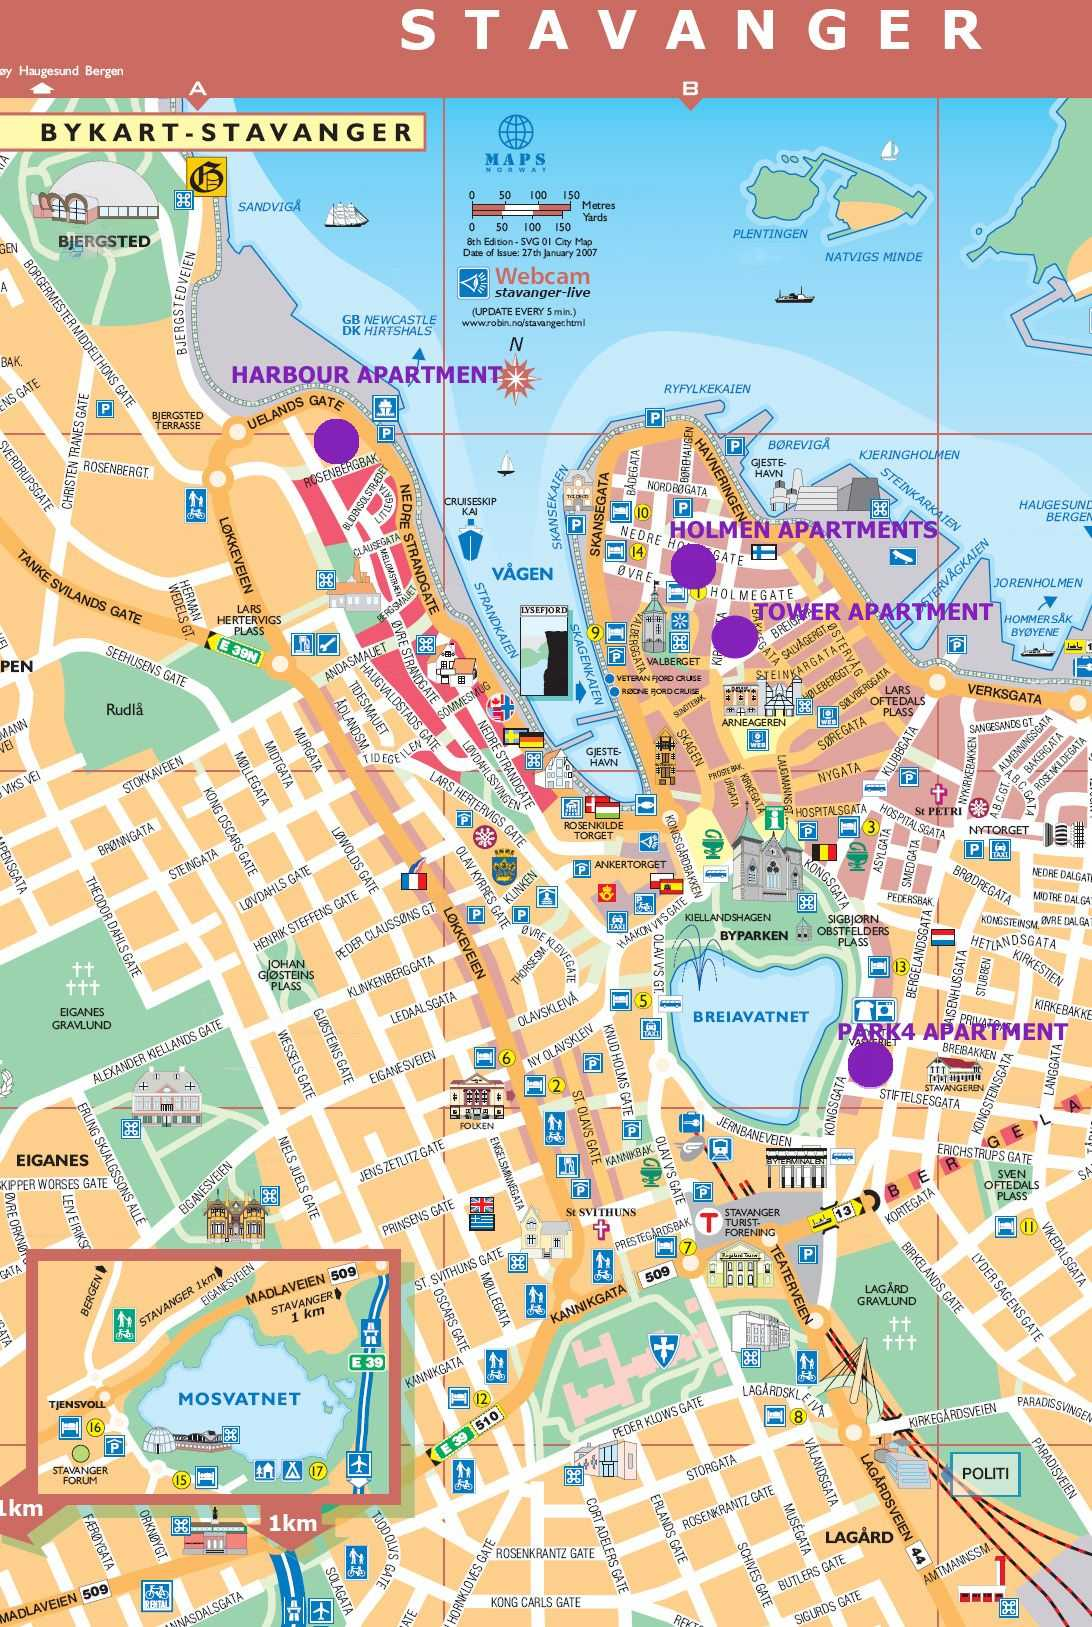 kart over stavanger sentrum Stavanger Accommodation   .stavangerpark.  Apartments  kart over stavanger sentrum